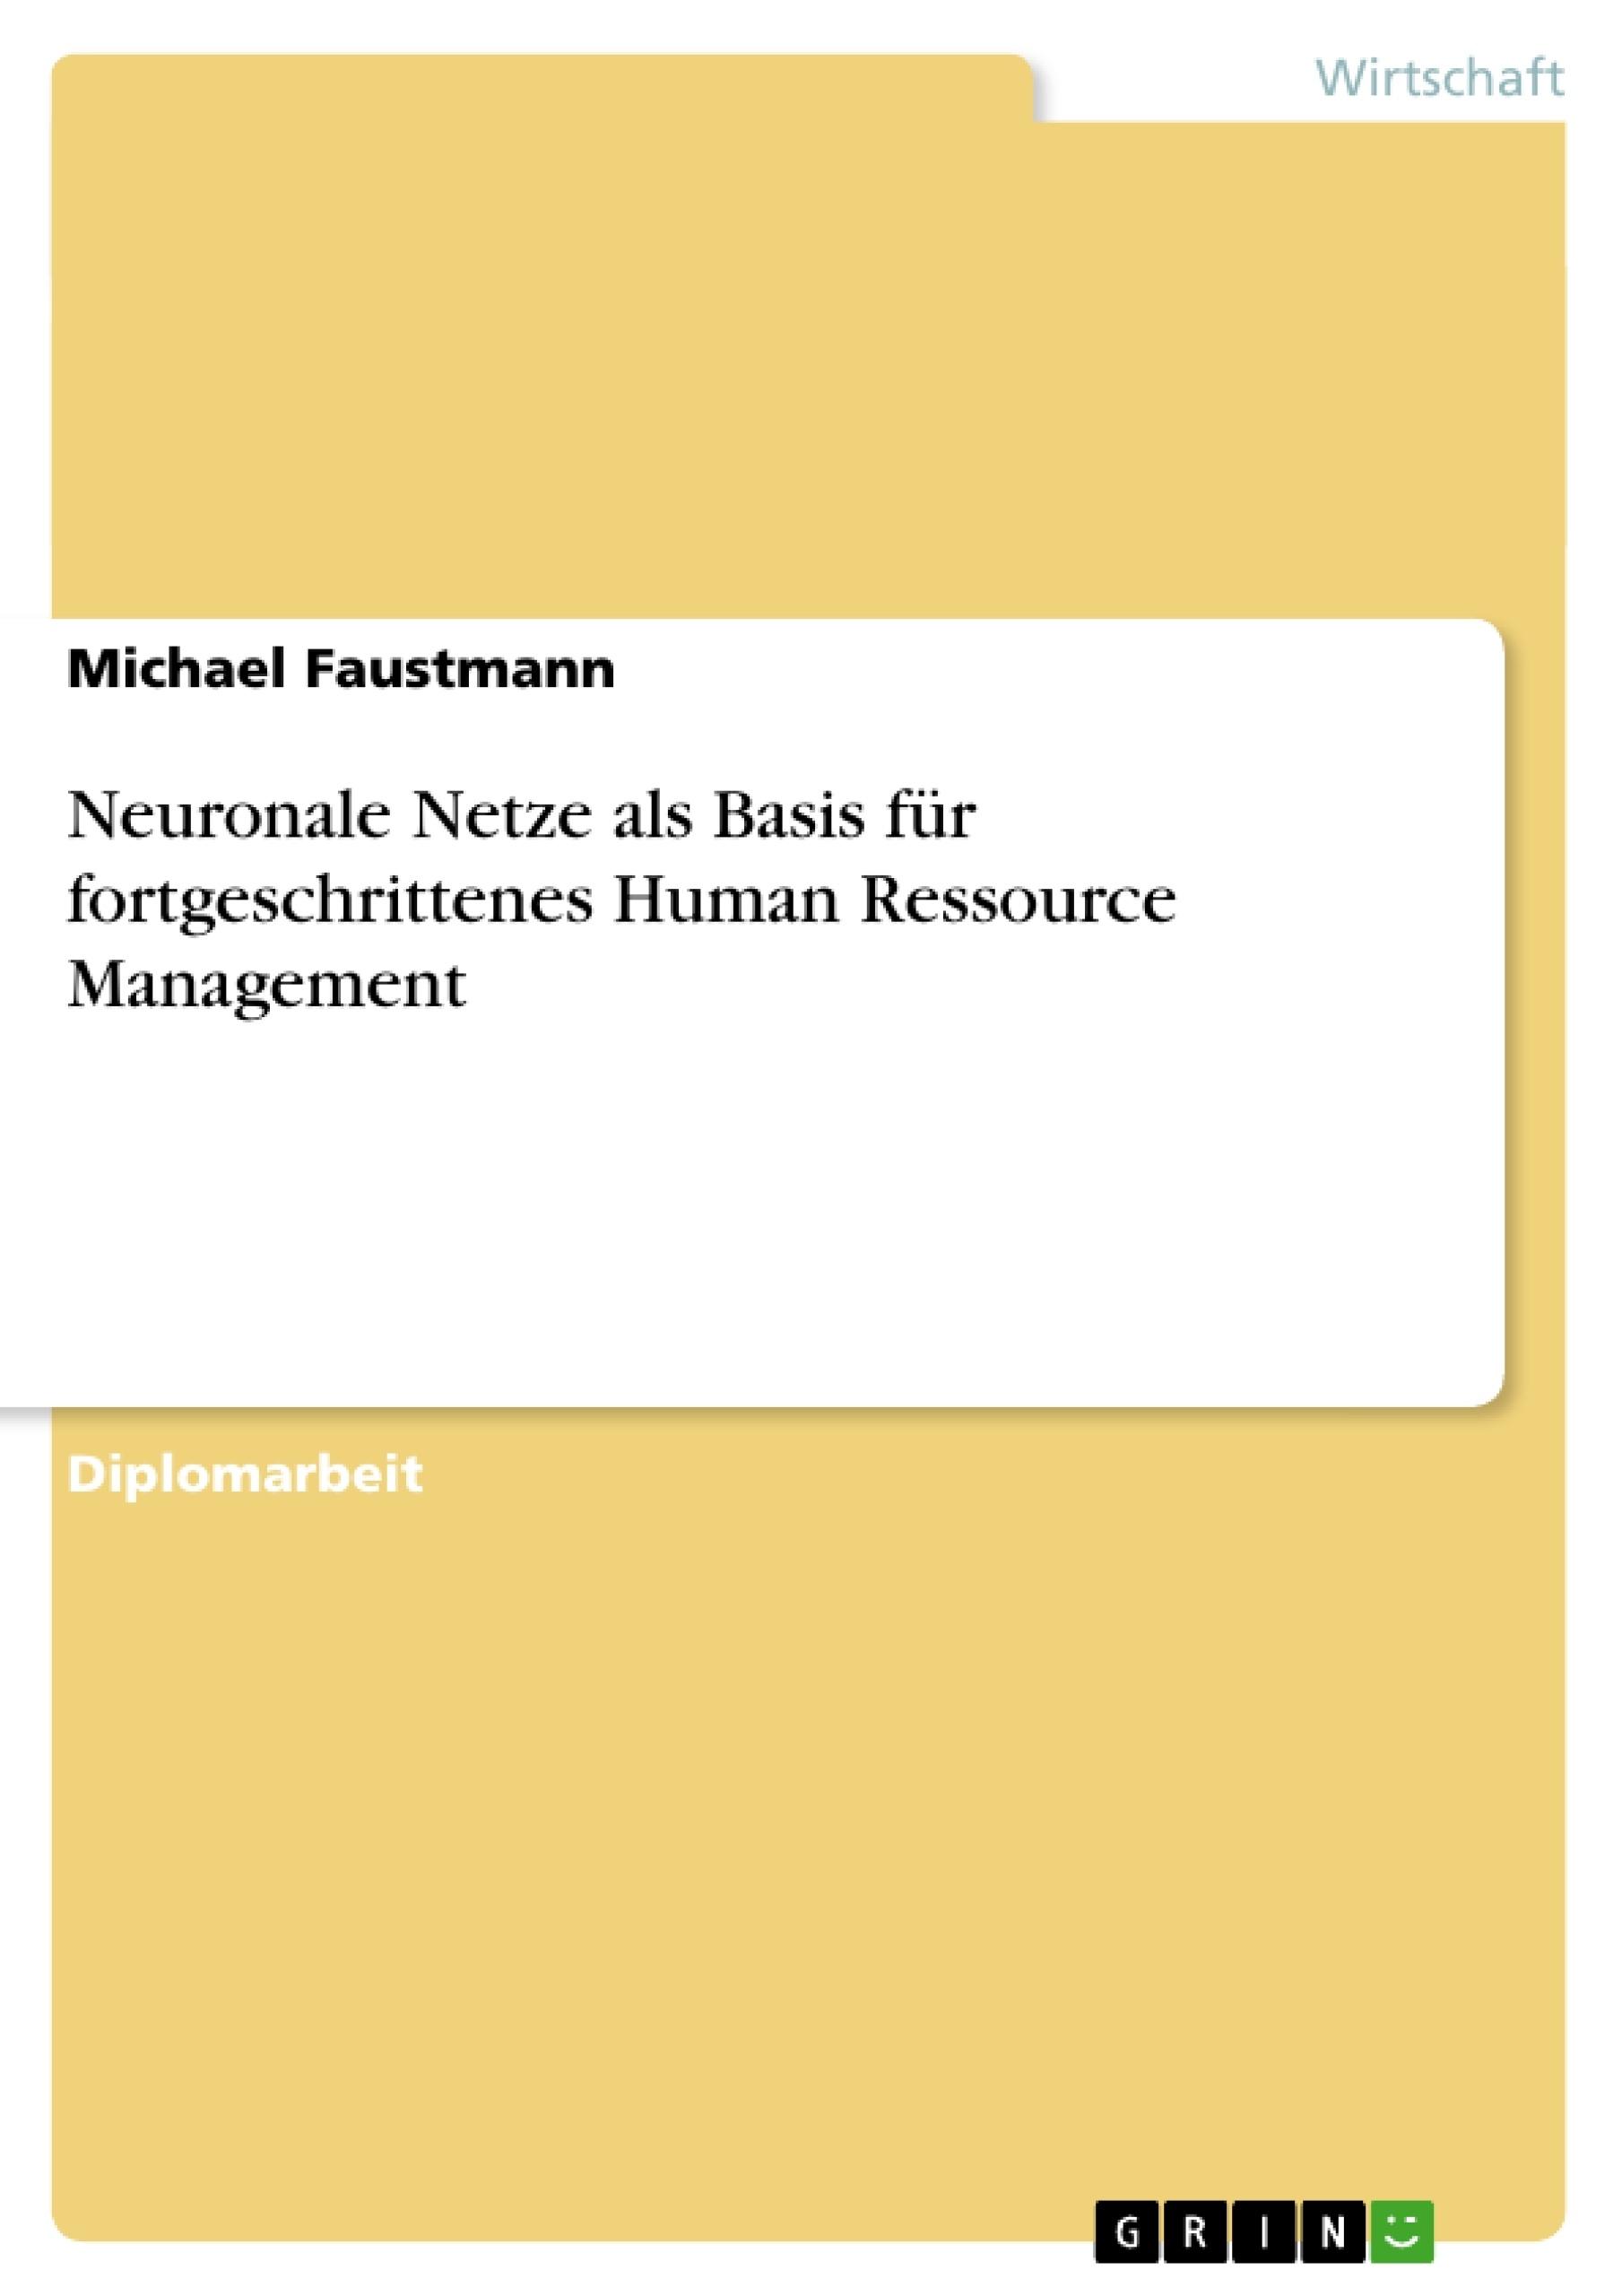 Titel: Neuronale Netze als Basis für fortgeschrittenes Human Ressource Management